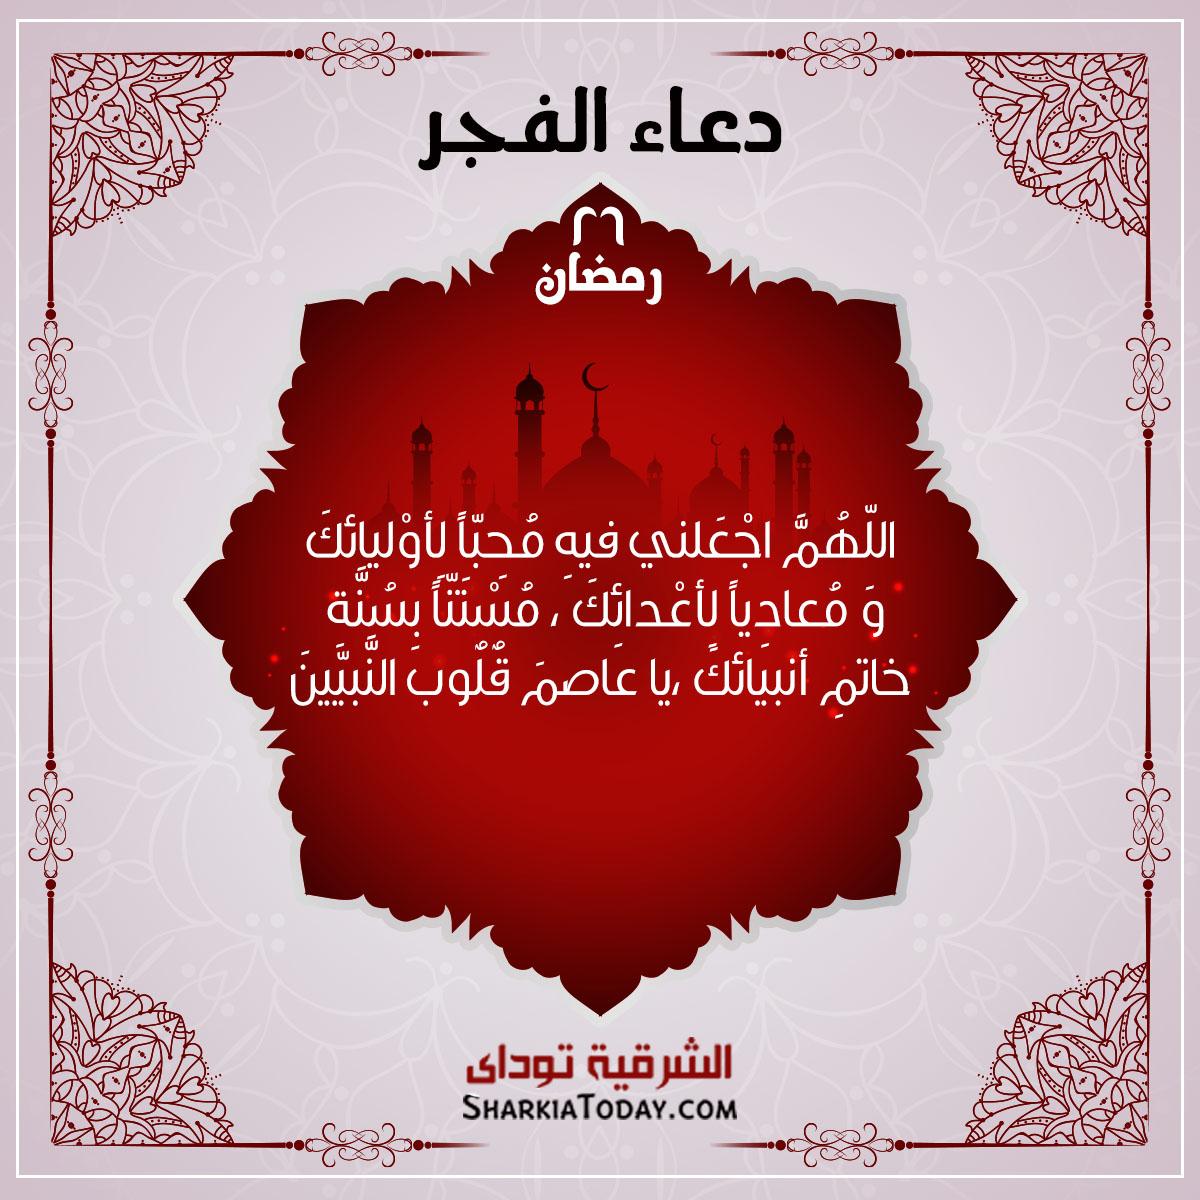 دعاء فجر 26 رمضان